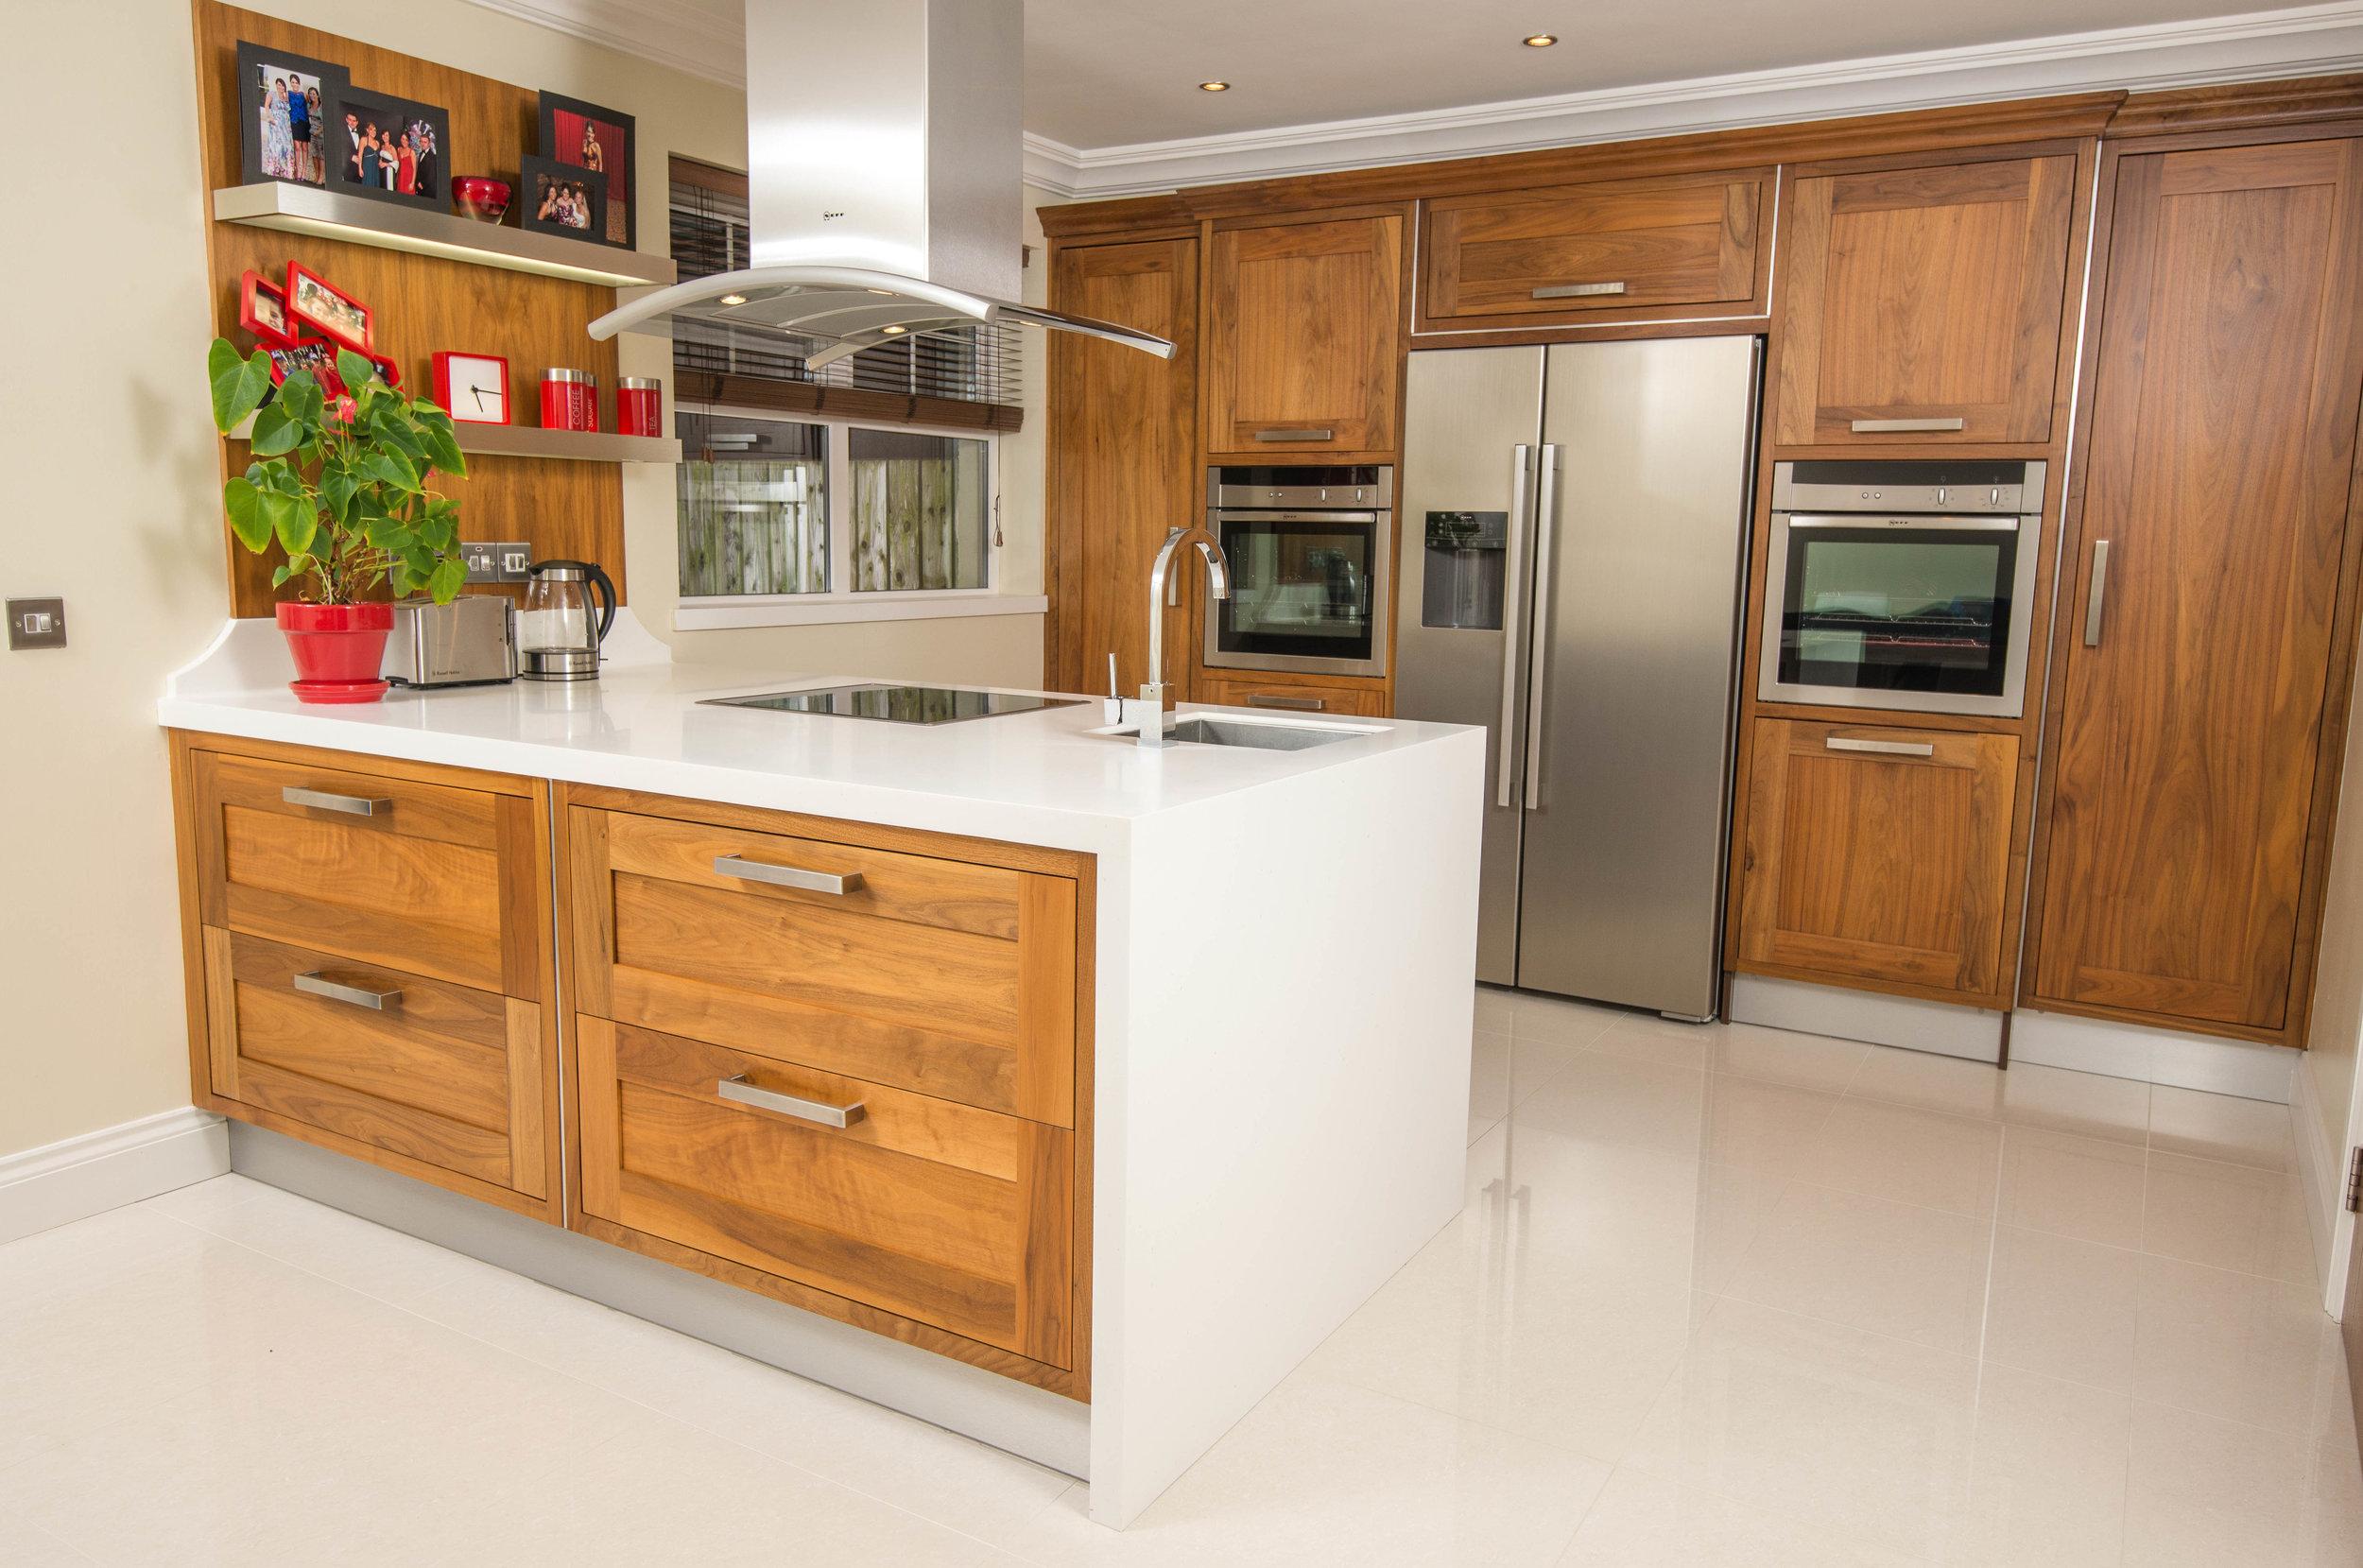 LM -002 -Inframed kitchen.JPG